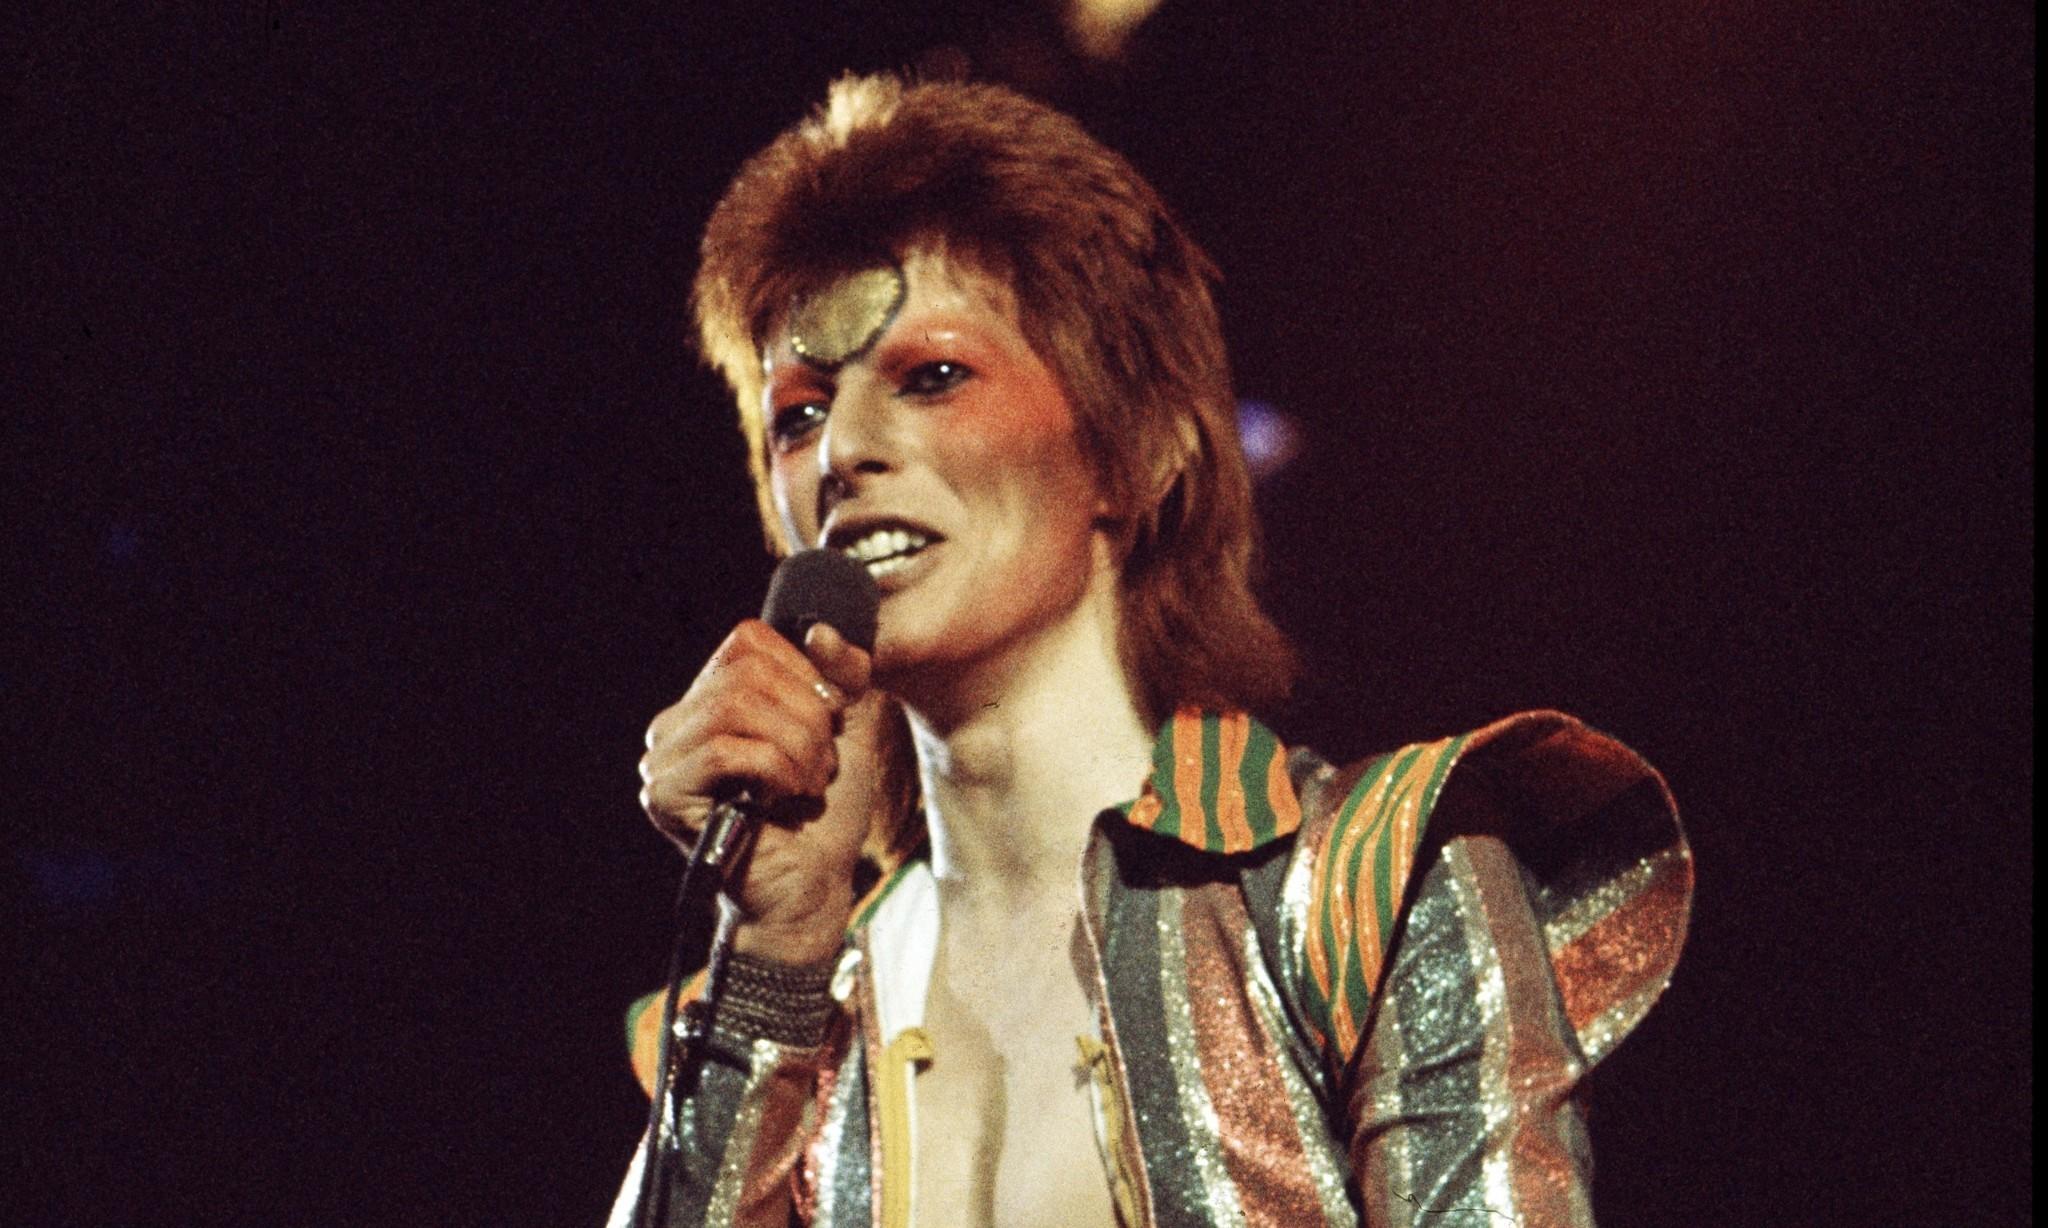 David Bowie: stage oddity